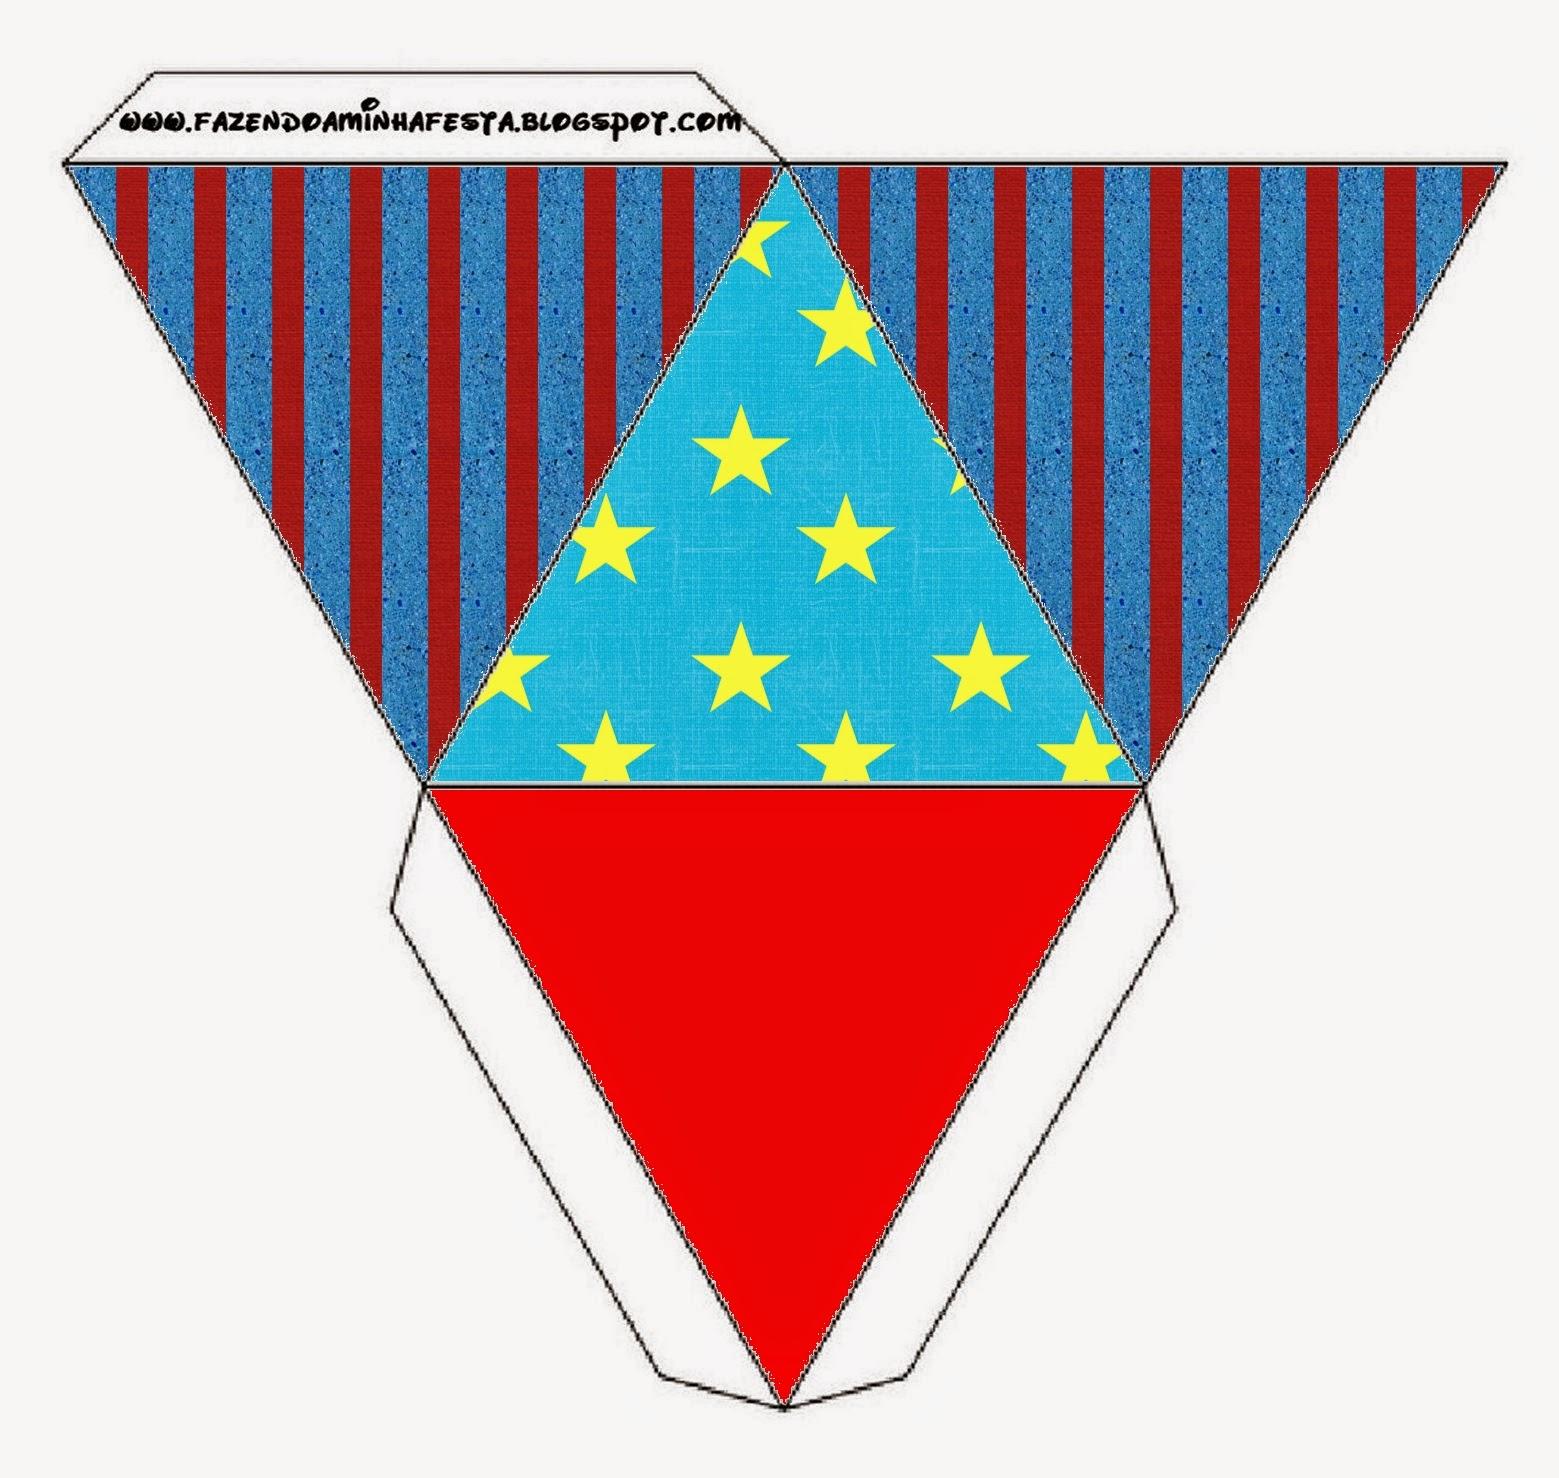 Caja con forma de pirámide de Estrellas sobre Fondo Celeste.